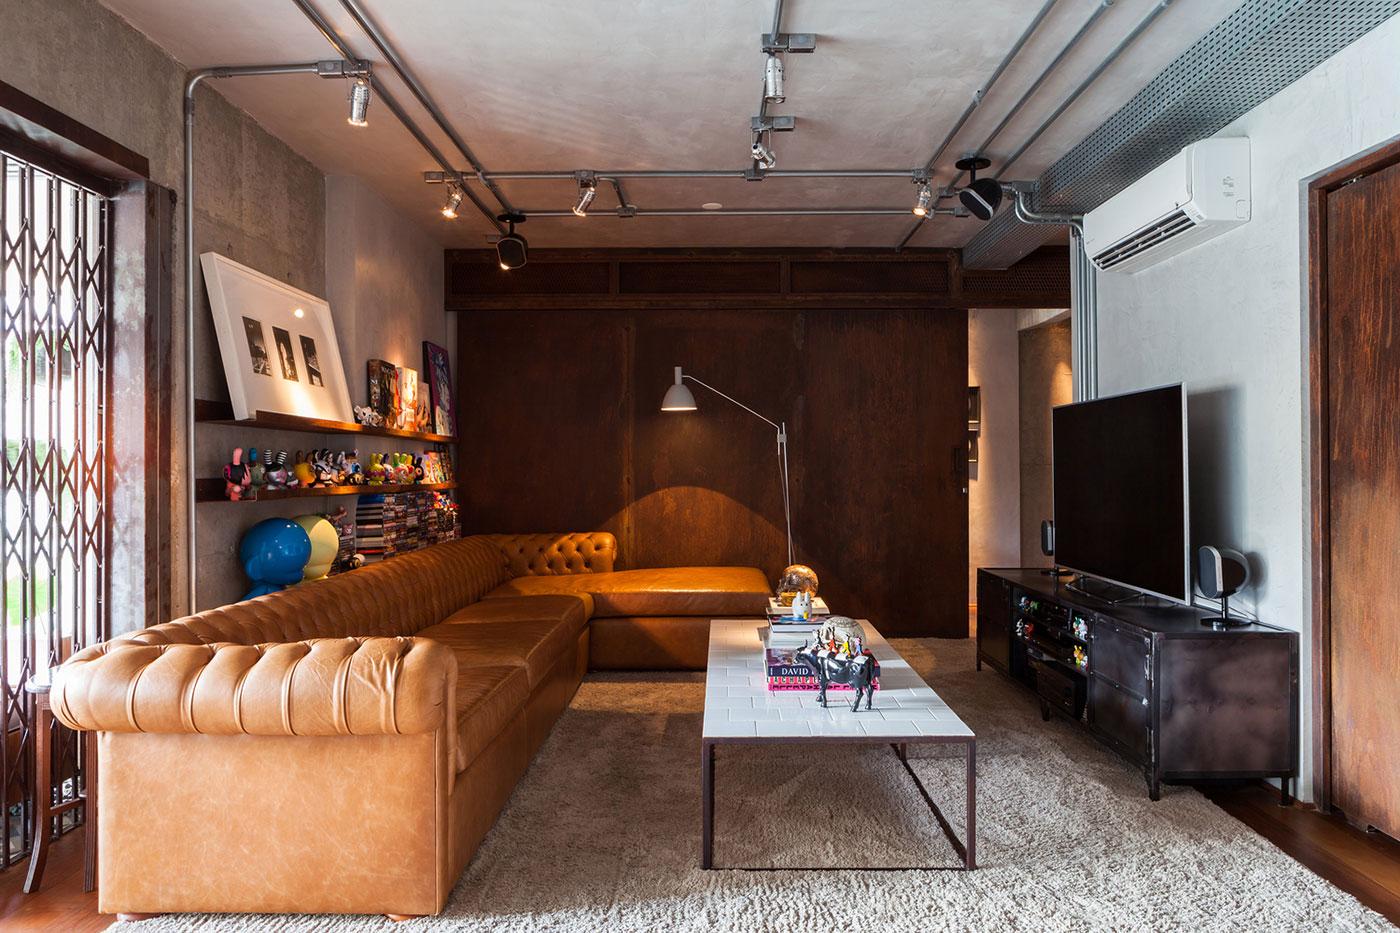 sofas modernos para sala de tv corner lounge sofa moderna 60 modelos projetos e fotos decorar